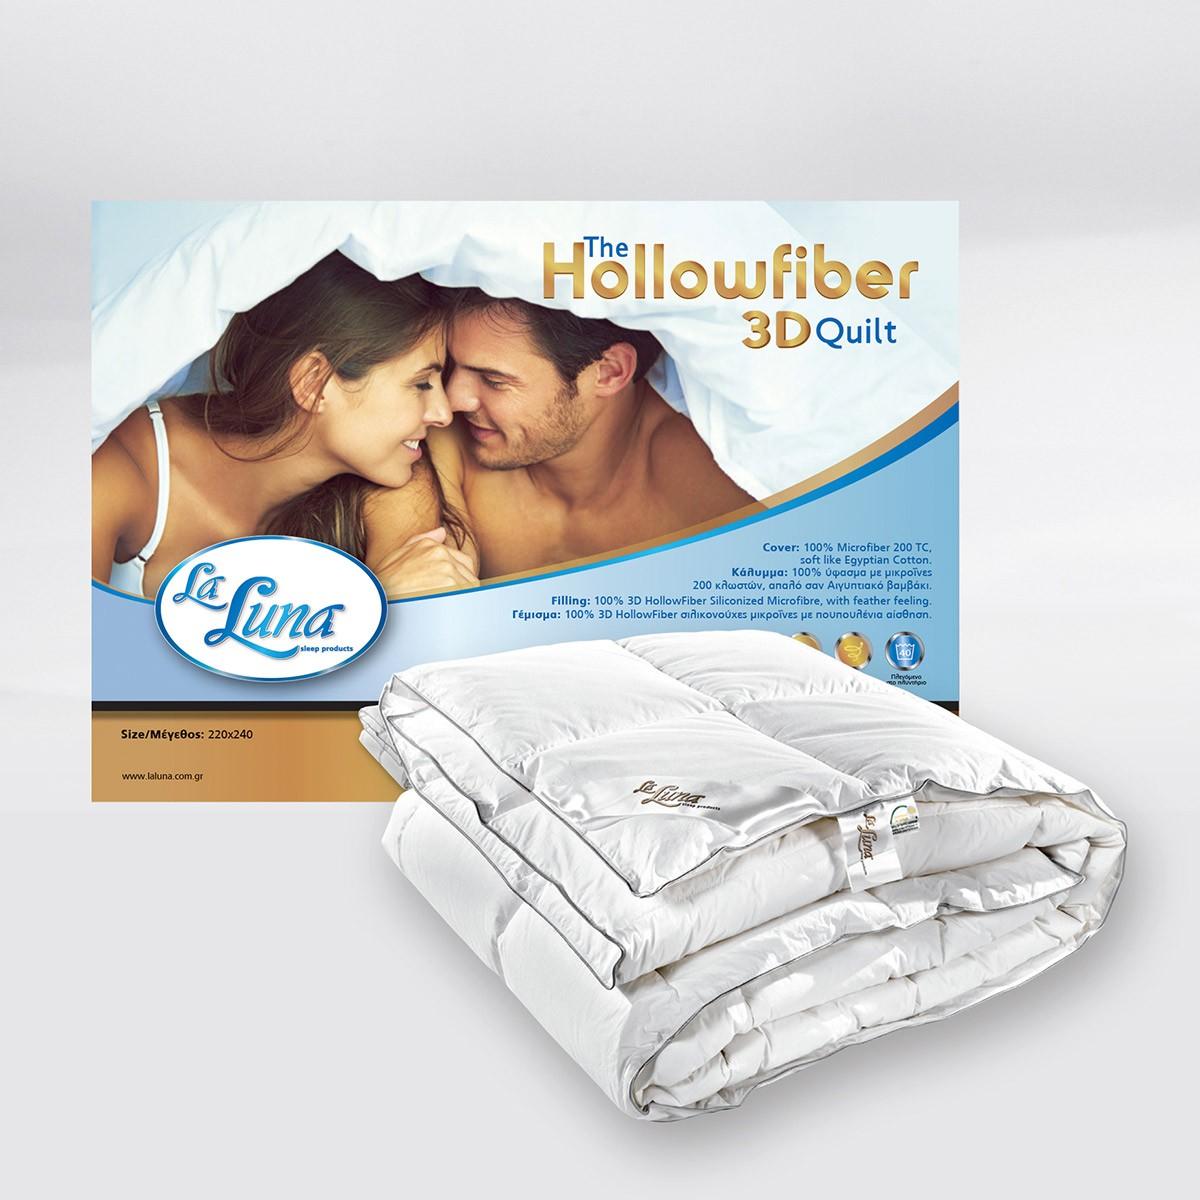 Πάπλωμα Μονό La Luna Hollowfiber 3D home   κρεβατοκάμαρα   παπλώματα   παπλώματα λευκά